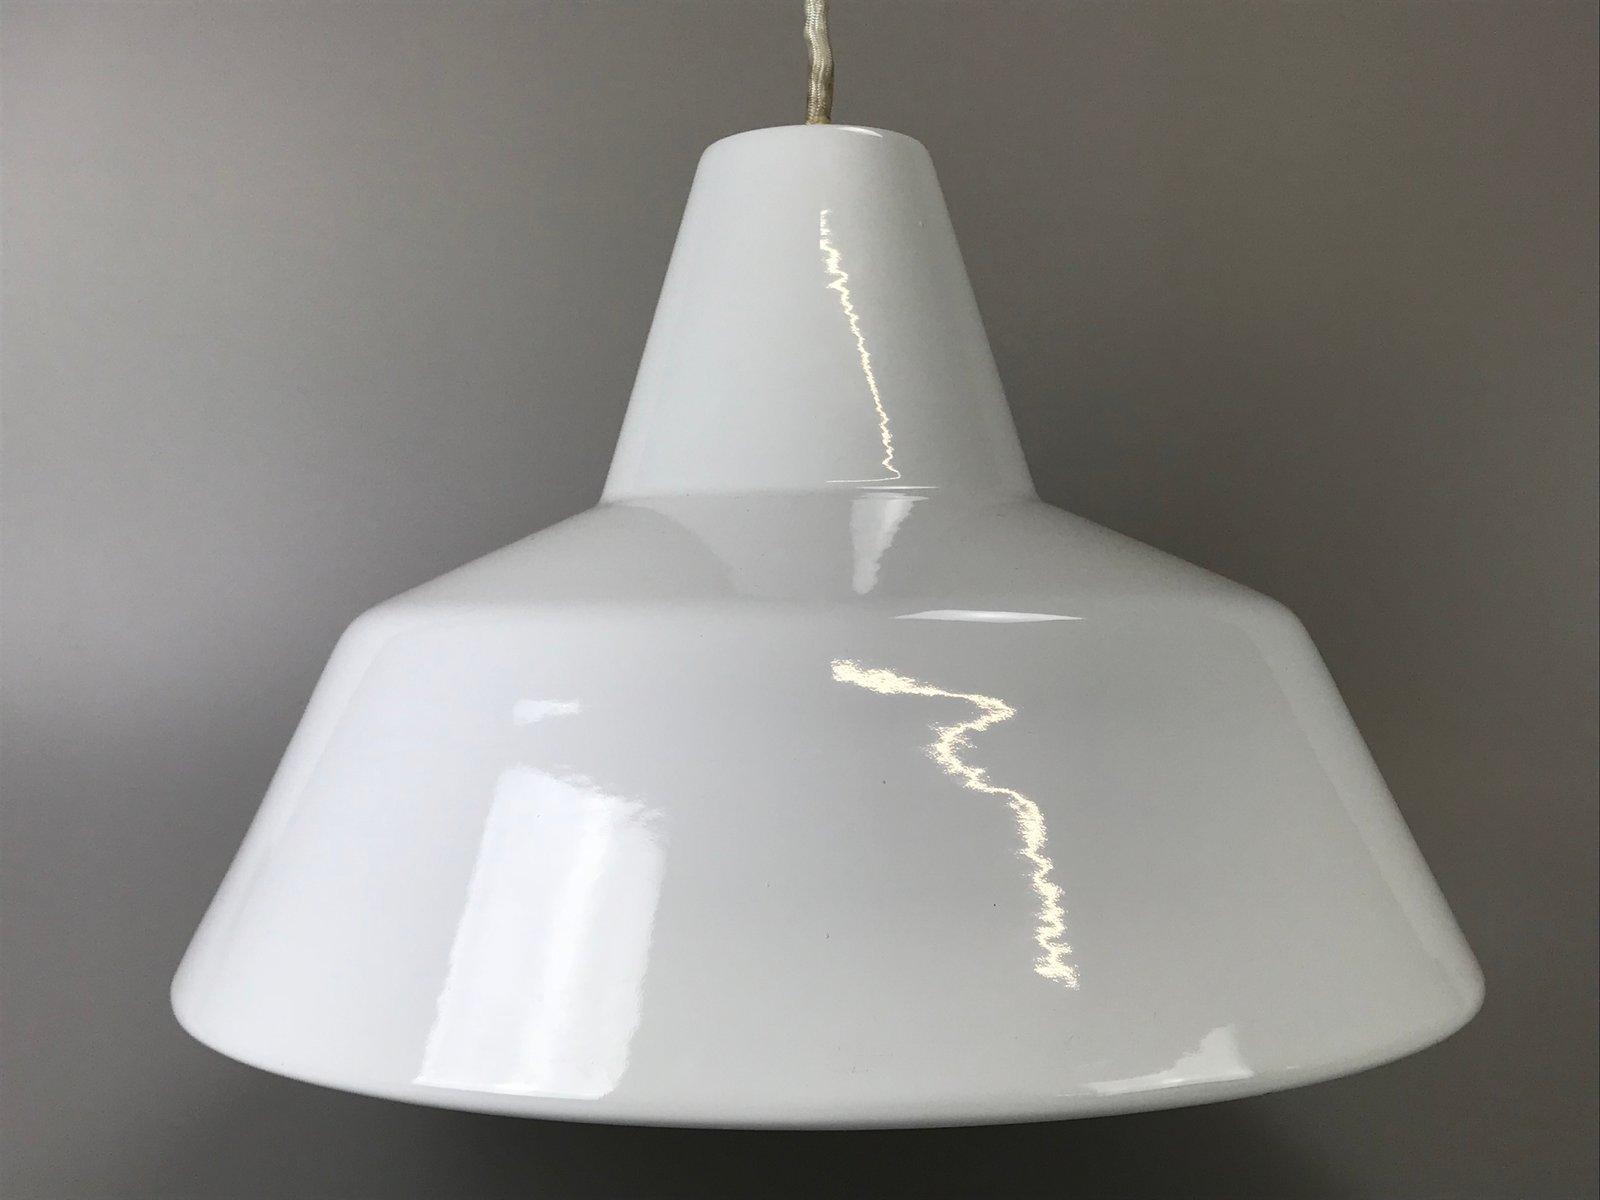 Led lampen wohnzimmer billig und rabatt leuchten und lampen